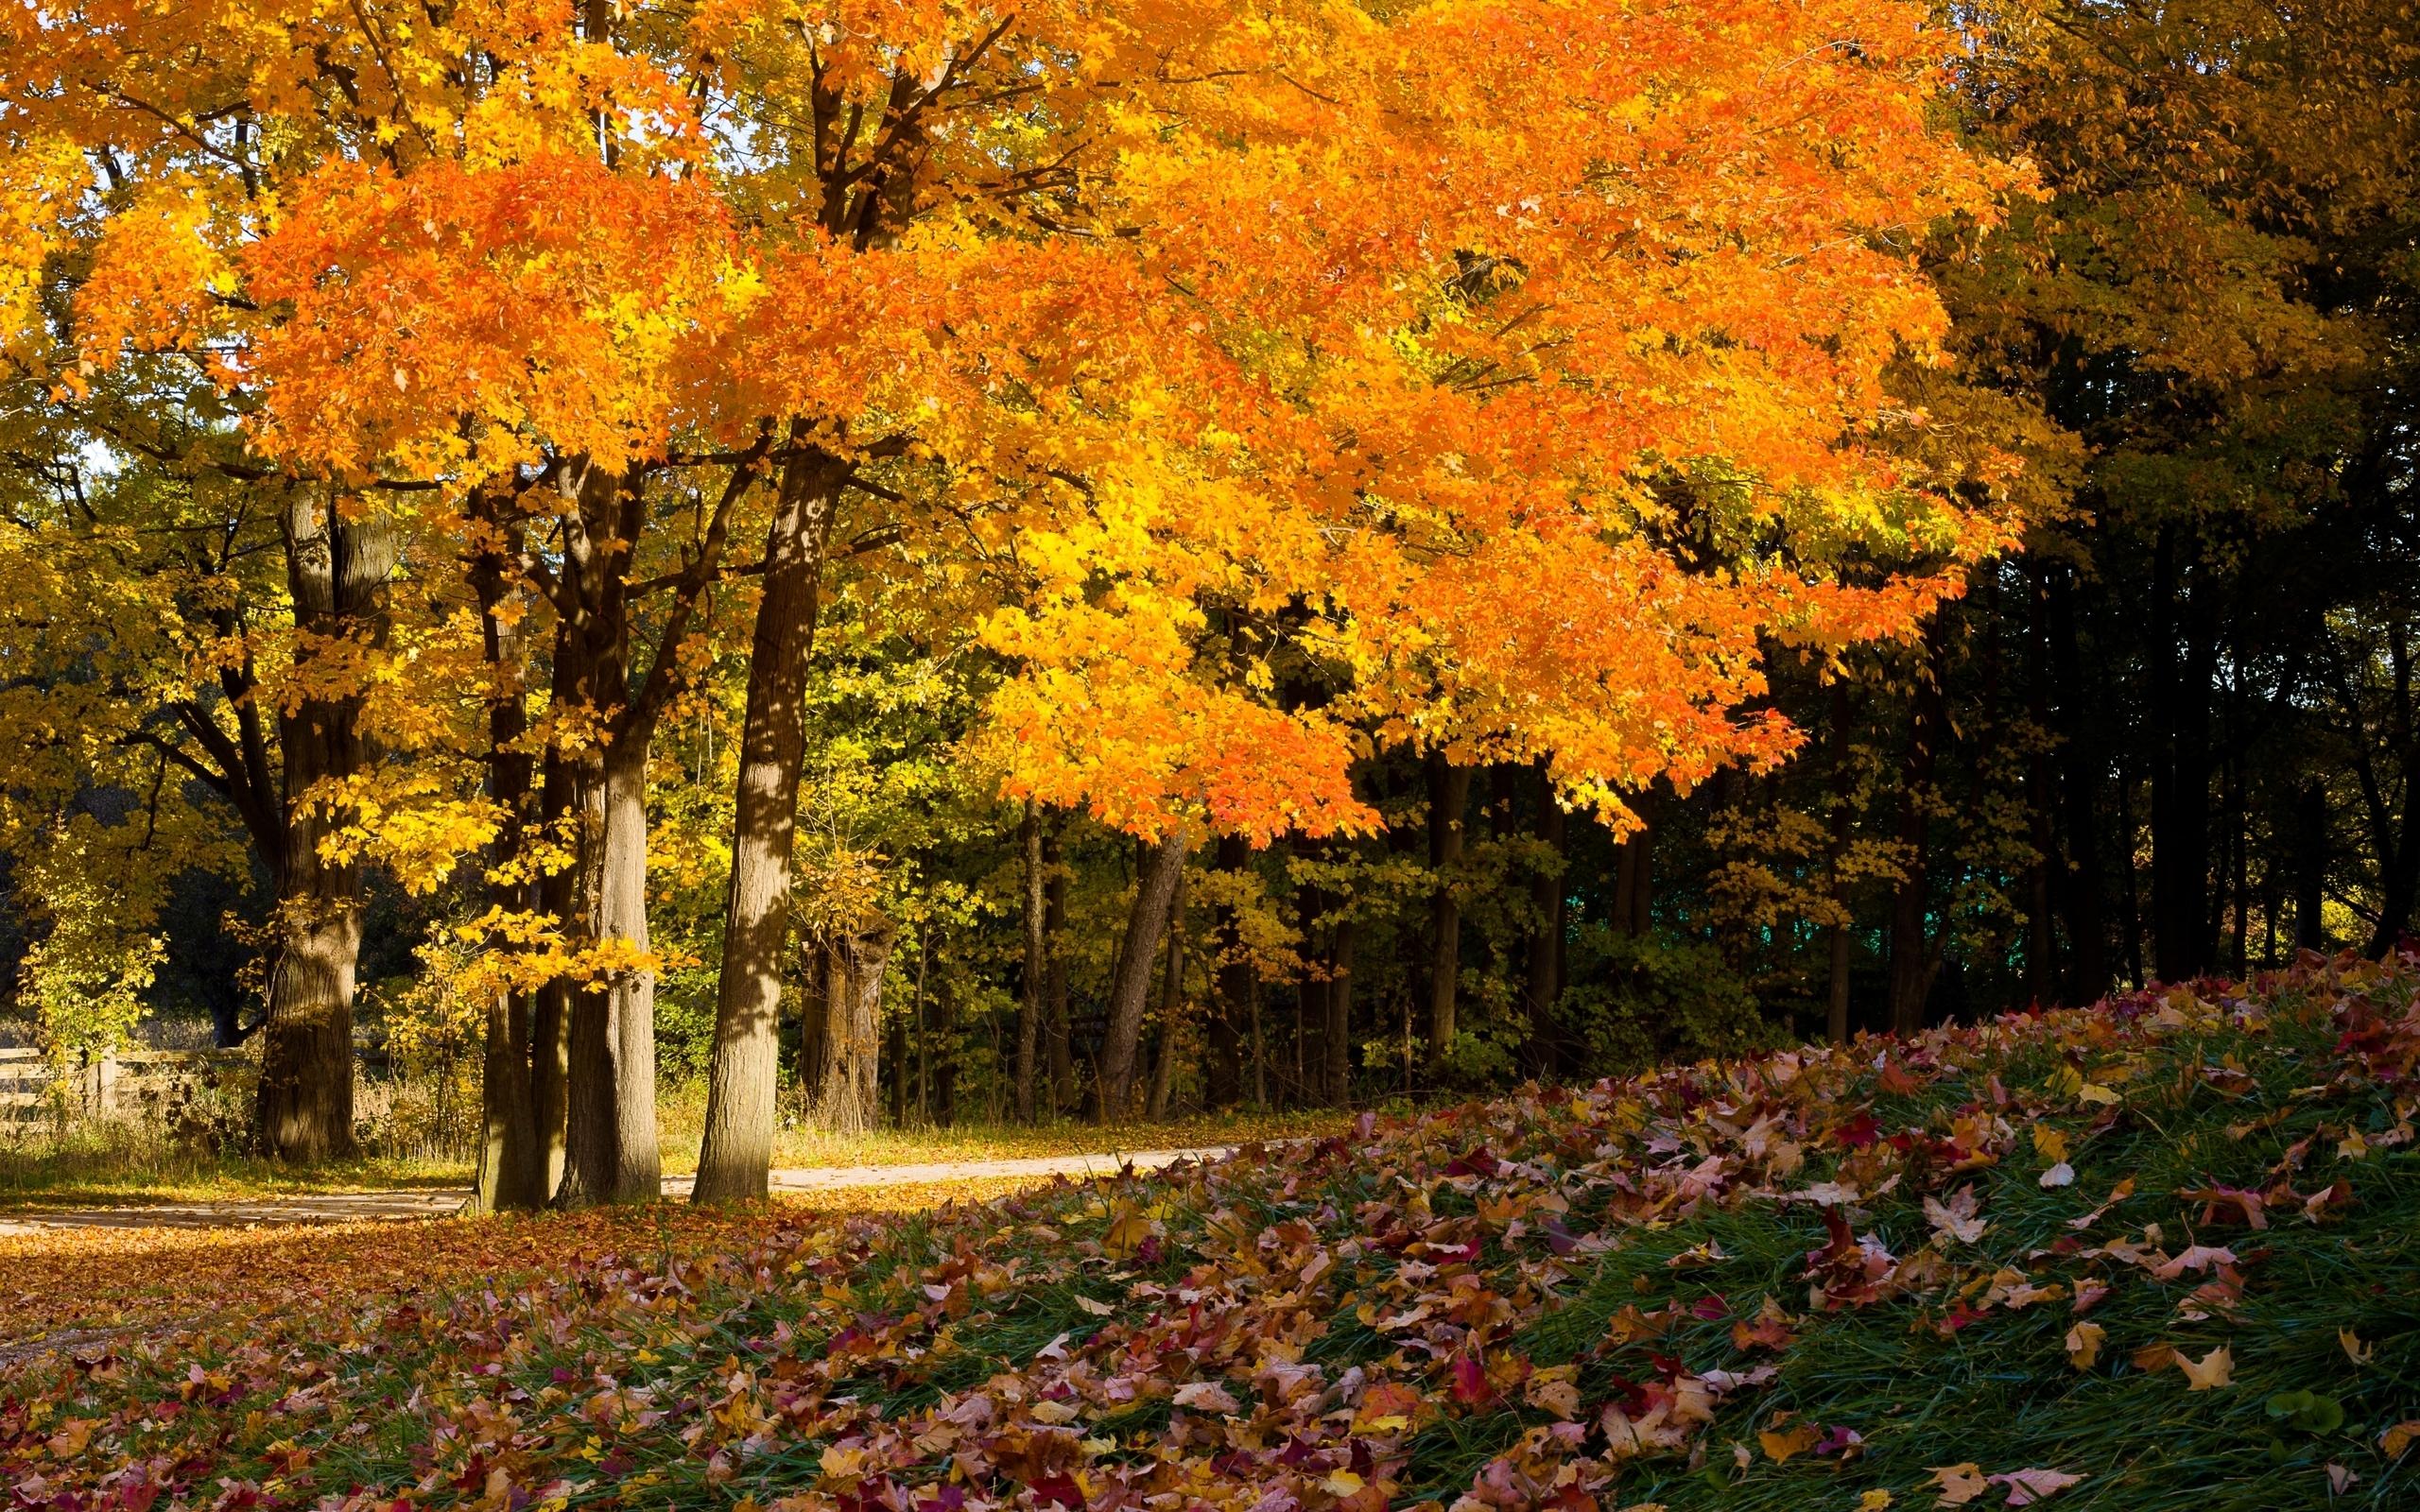 цветущие мой мир фото осени уроков обычной